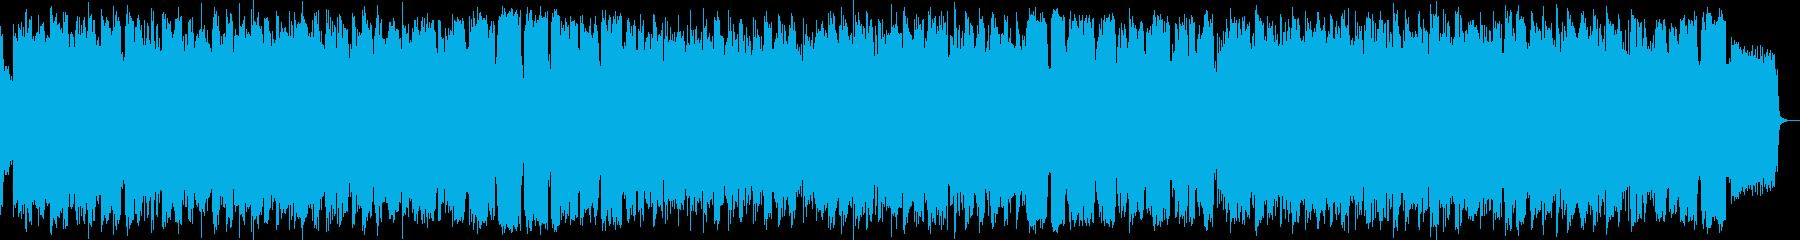 静かな水音と竹笛のヒーリングミュージックの再生済みの波形